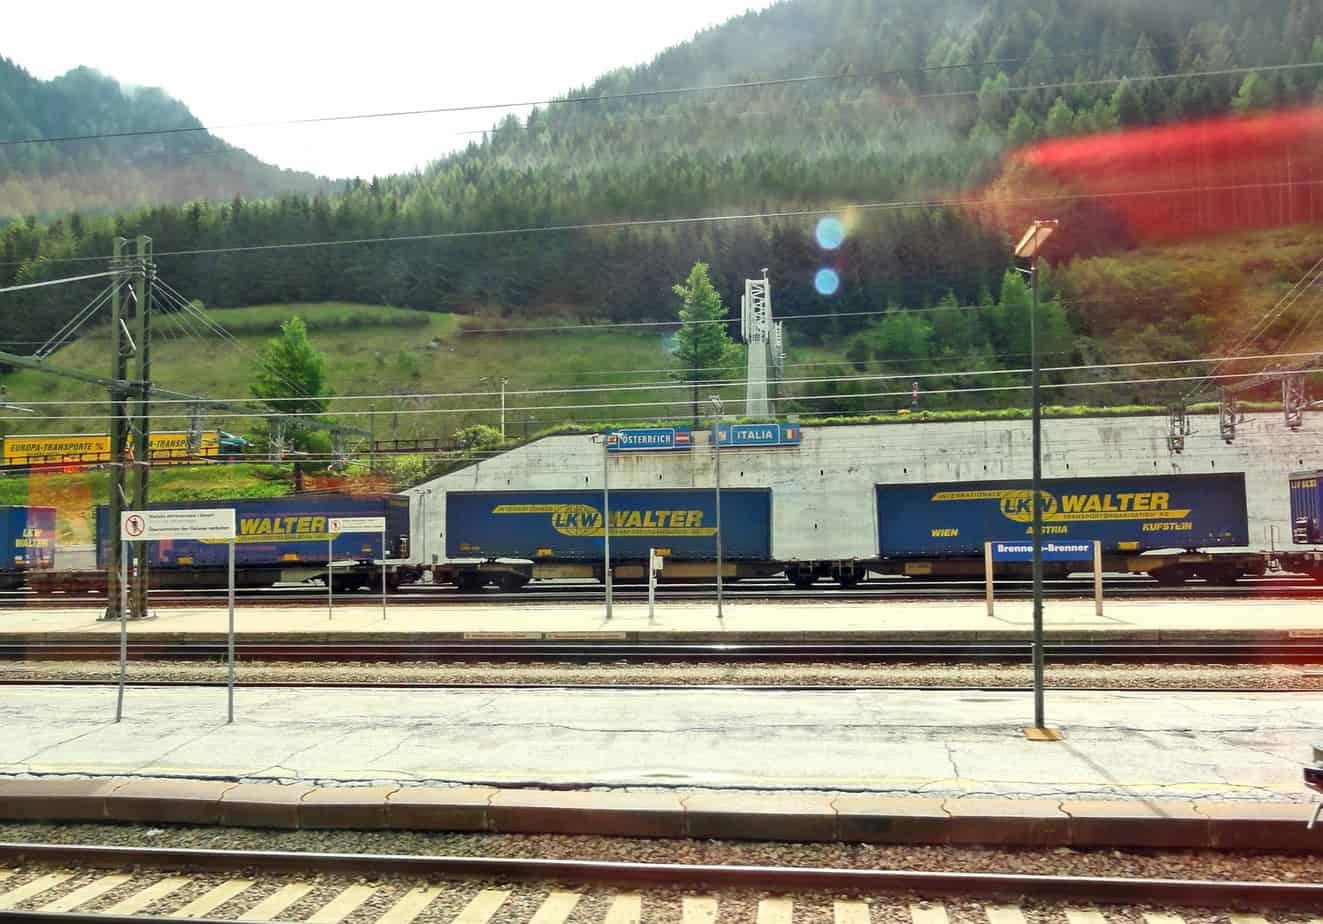 La stazione ferroviaria del Brennero è uno snodo cruciale per il traffico ferroviario alpino